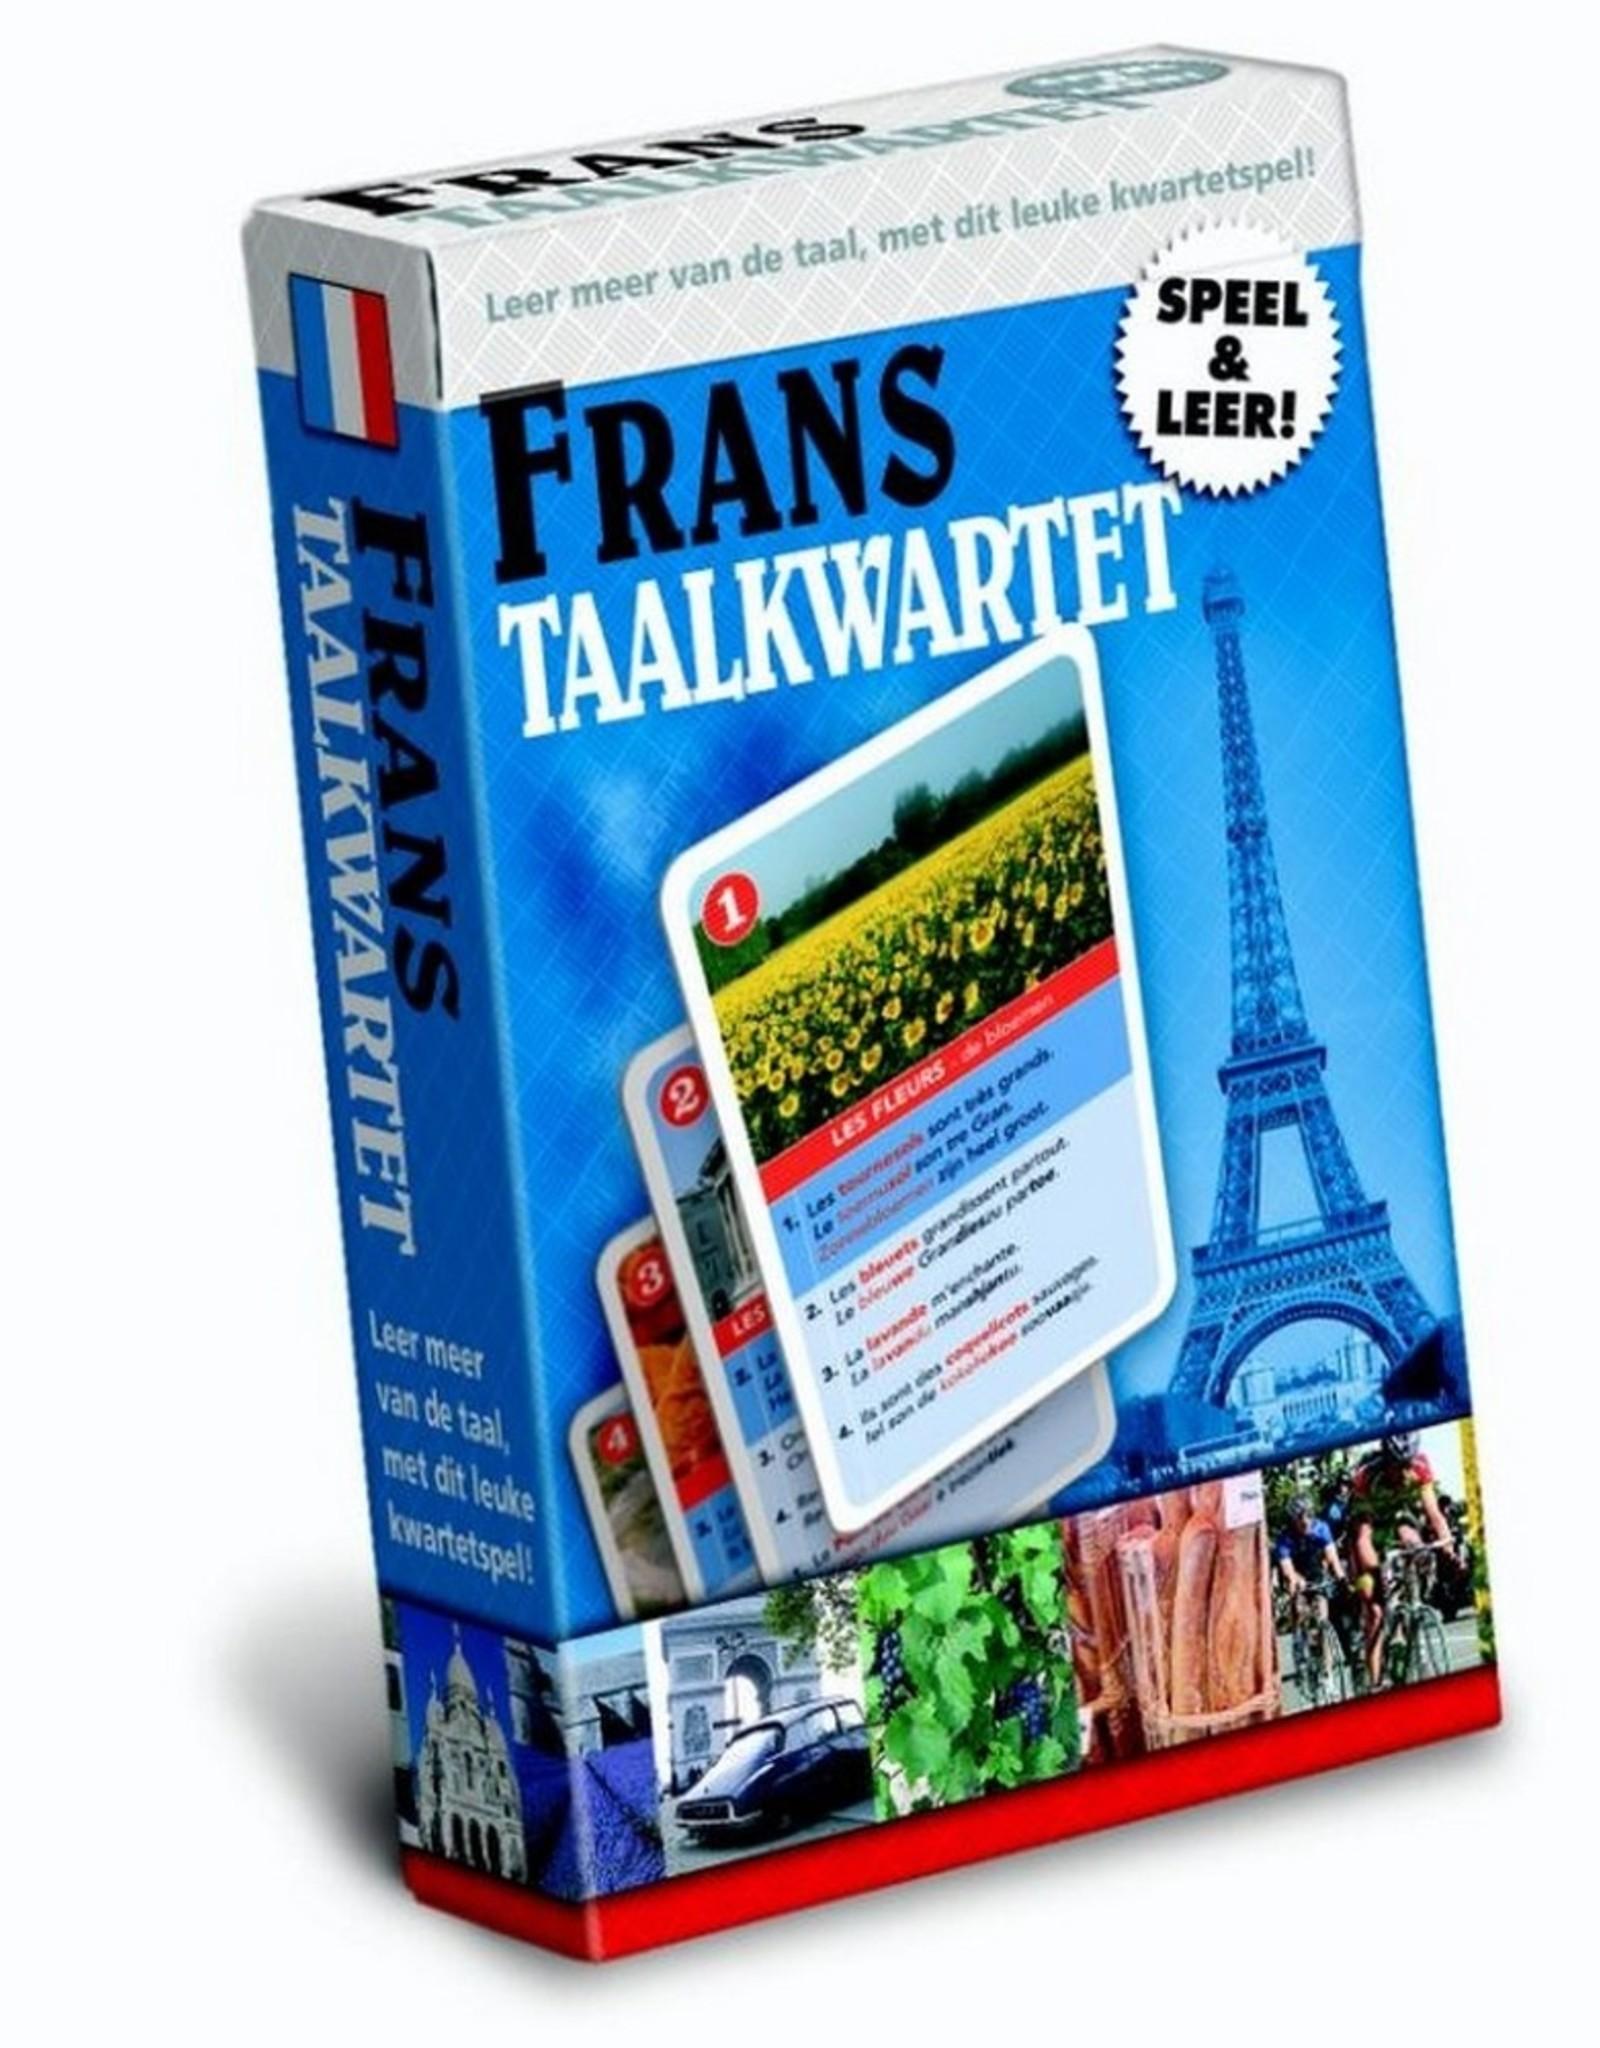 Scala Leuker Leren Taalkwartet Frans